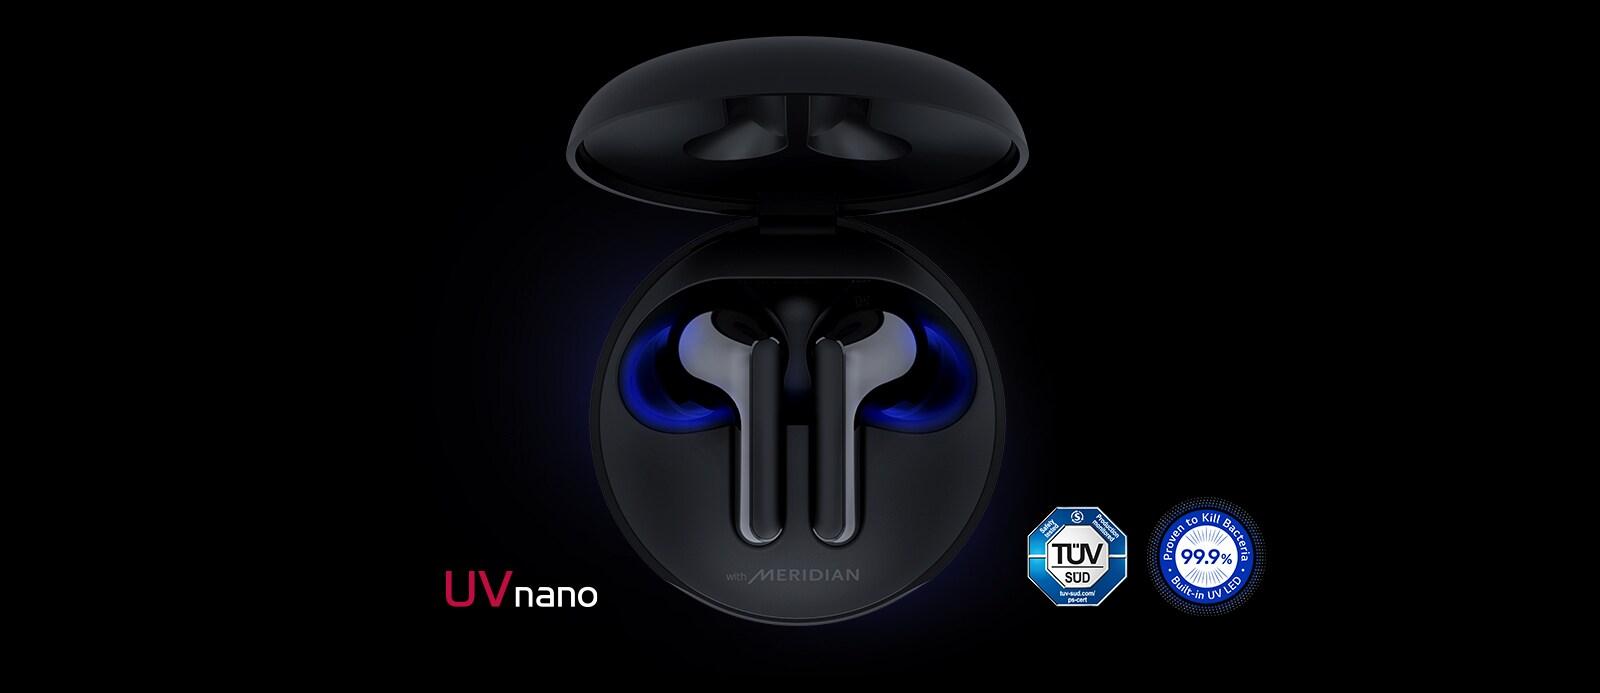 Imagen del cargador abierto y dentro están los audífonos con una iluminación azul que brilla para resaltar la función UVnano